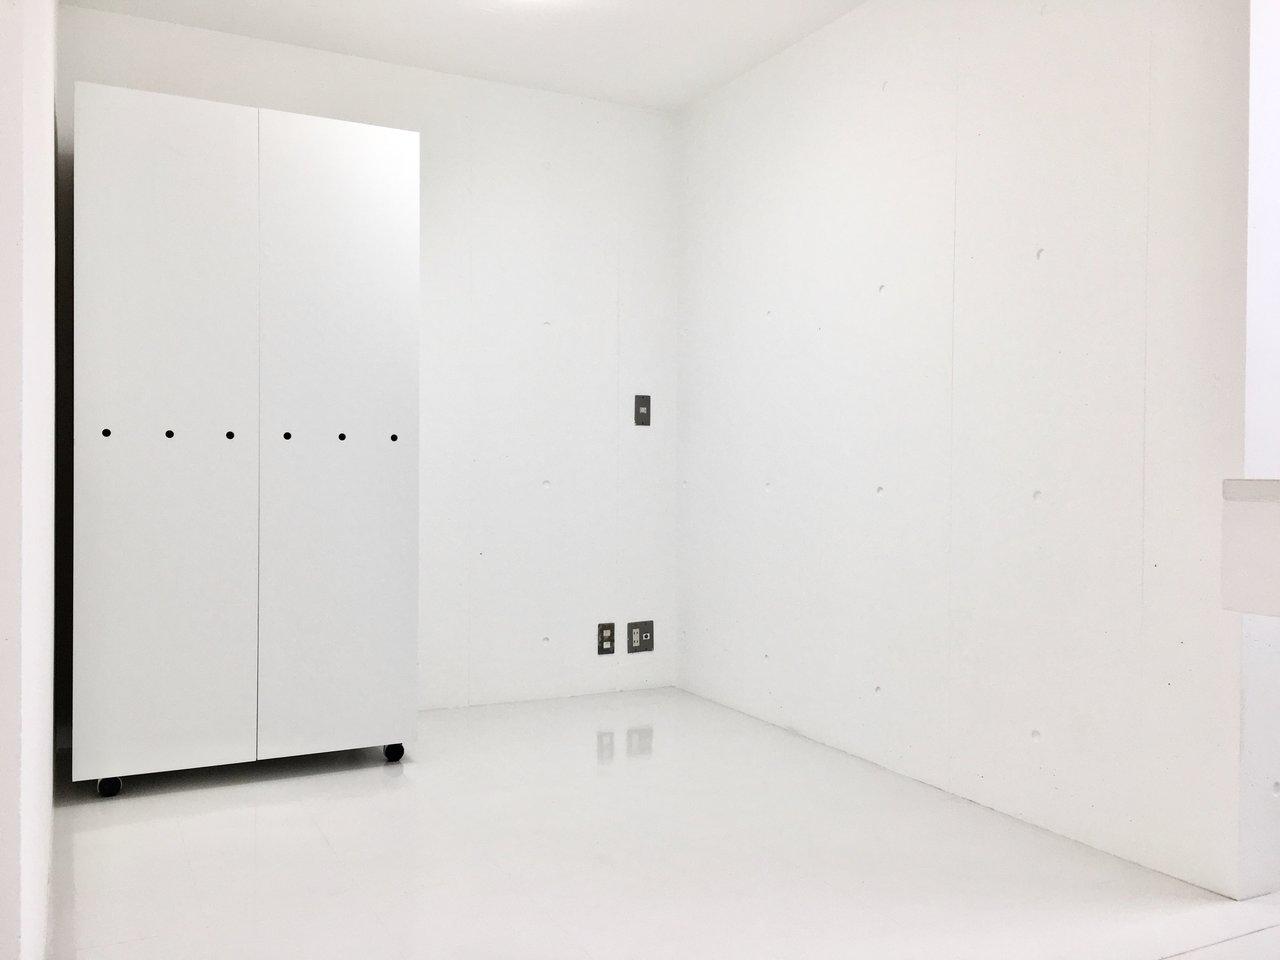 10.8畳あるリビングから少し飛び出たところは、寝室にしましょう。収納スペースはありますが少々小さめなので、荷物は適度に減らしたほうがよさそうです。